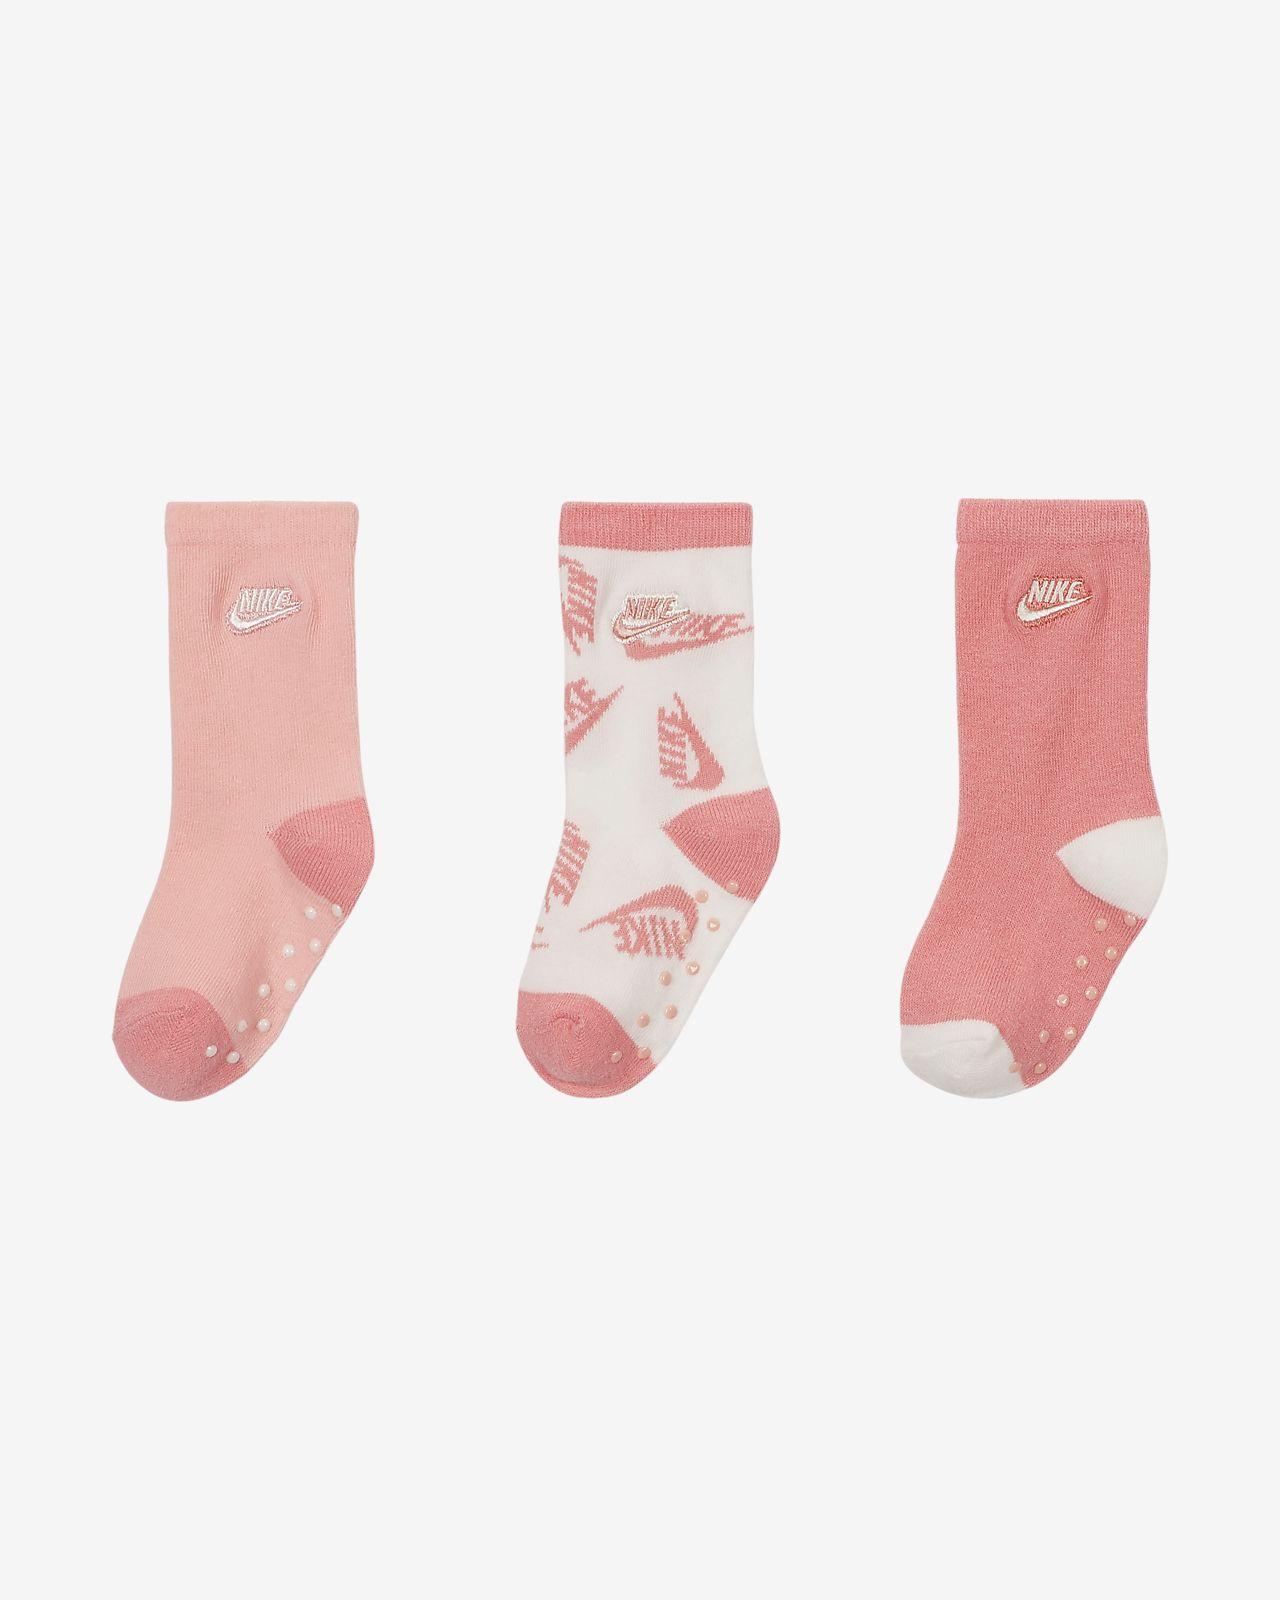 Nike Toddler Gripper Crew Socks (3-Pack)